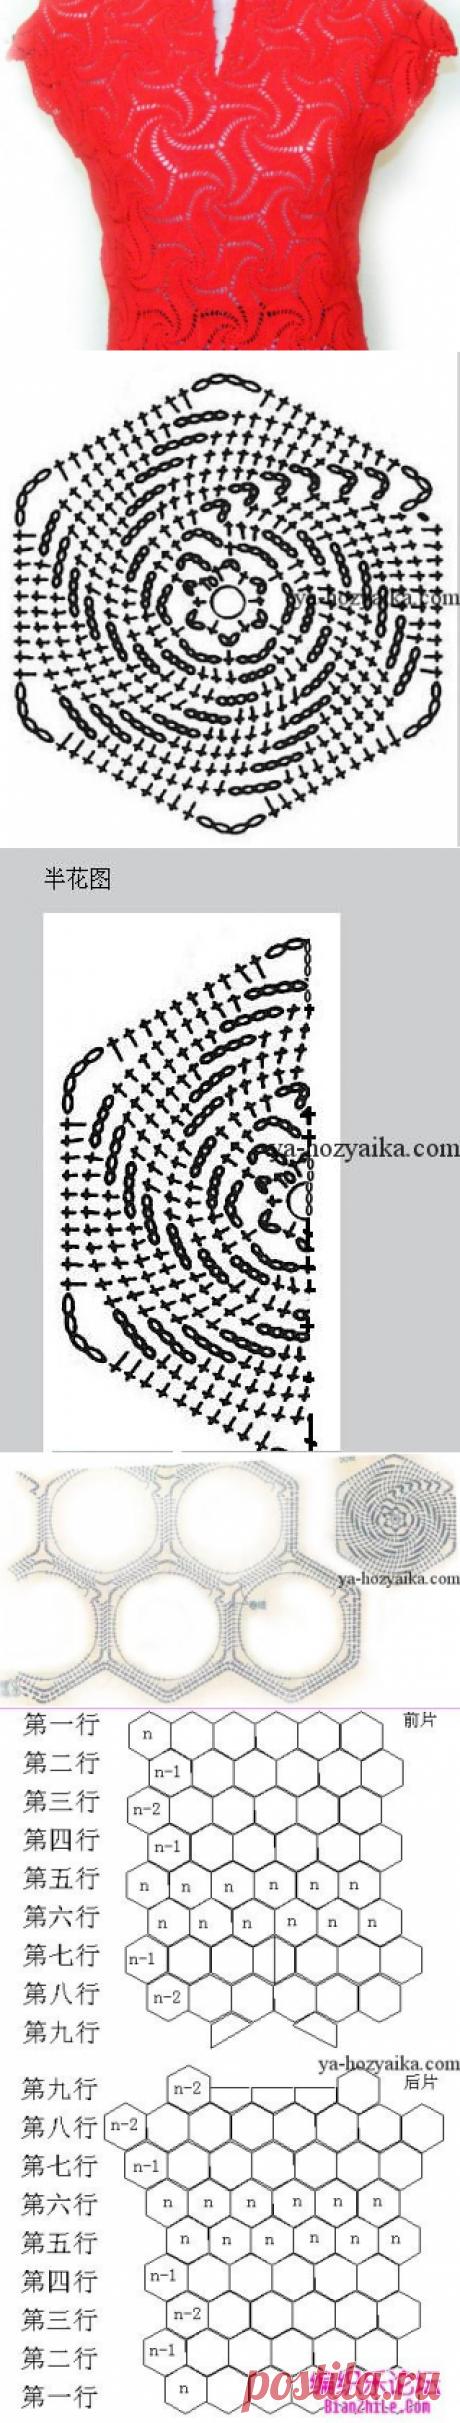 Top from spiral motives a hook. Spiral motive scheme hook